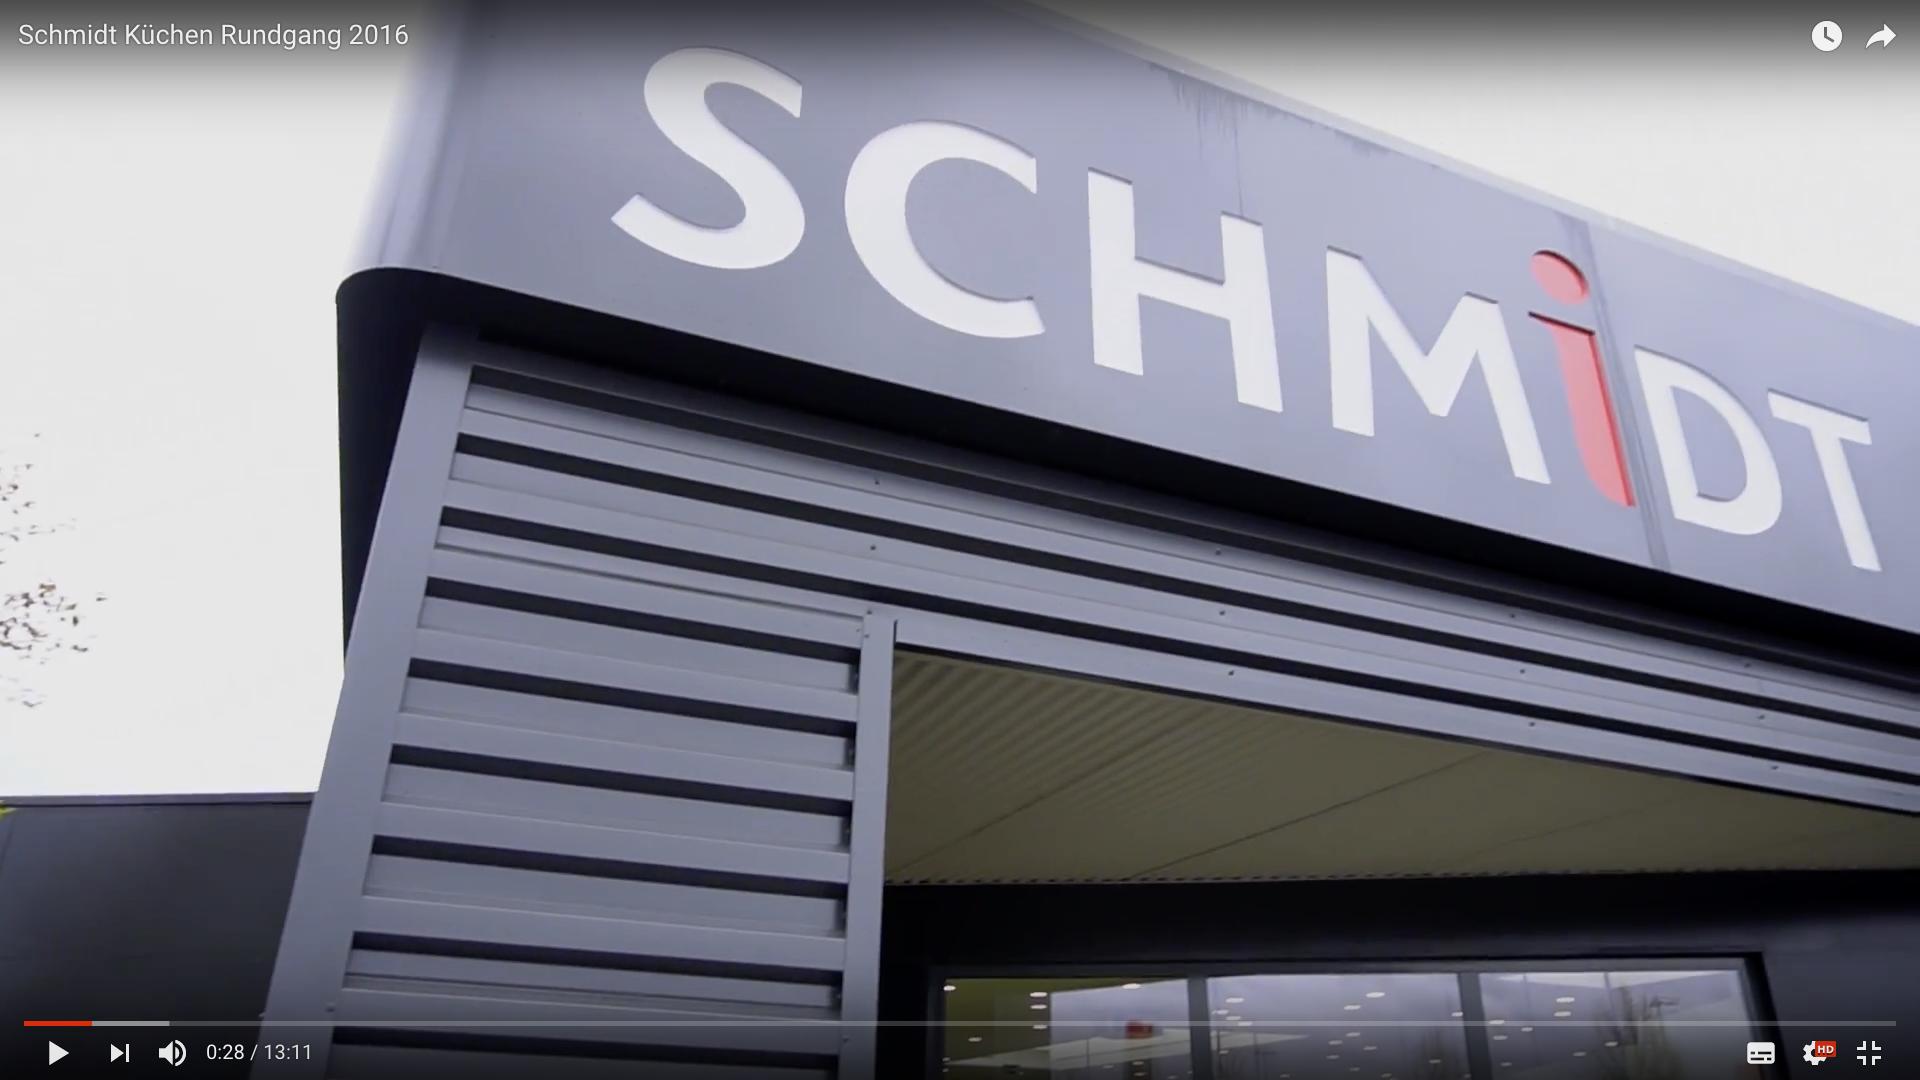 2017 Schmidt Küchen Rundgang 2016 Schmitd Küchen_MSM_MEDIEN_SAAR_MOSEL_SAARLAND_FERNSEHEN_1_ED_SAAR